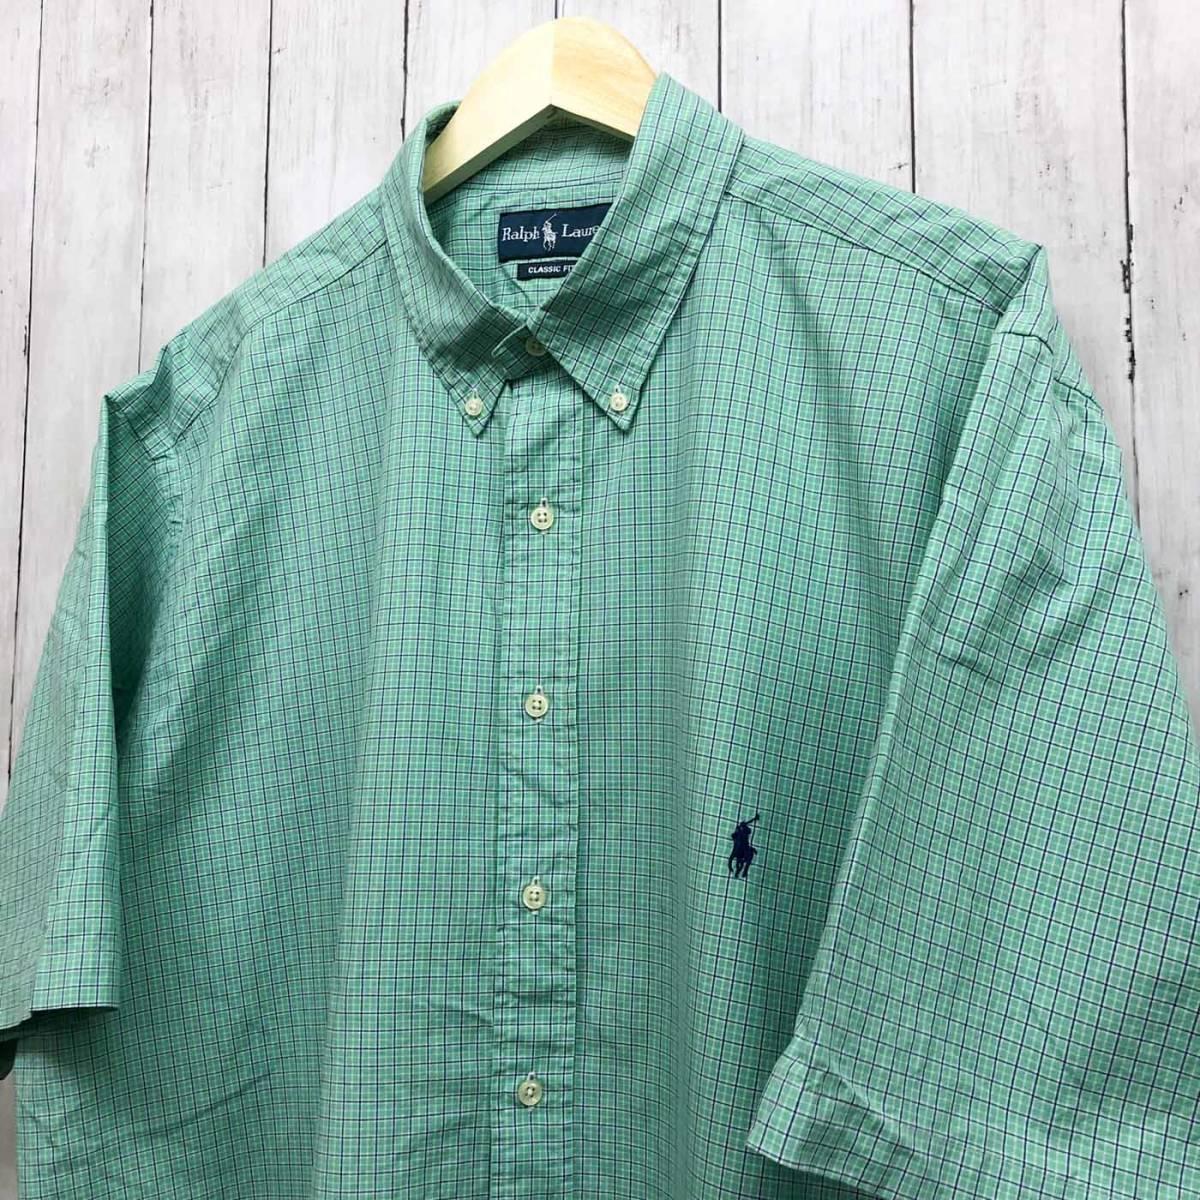 ラルフローレン POLO Ralph Lauren Polo 半袖シャツ メンズ ワンポイント 2XLサイズ (XXLサイズ) 7-152_画像2